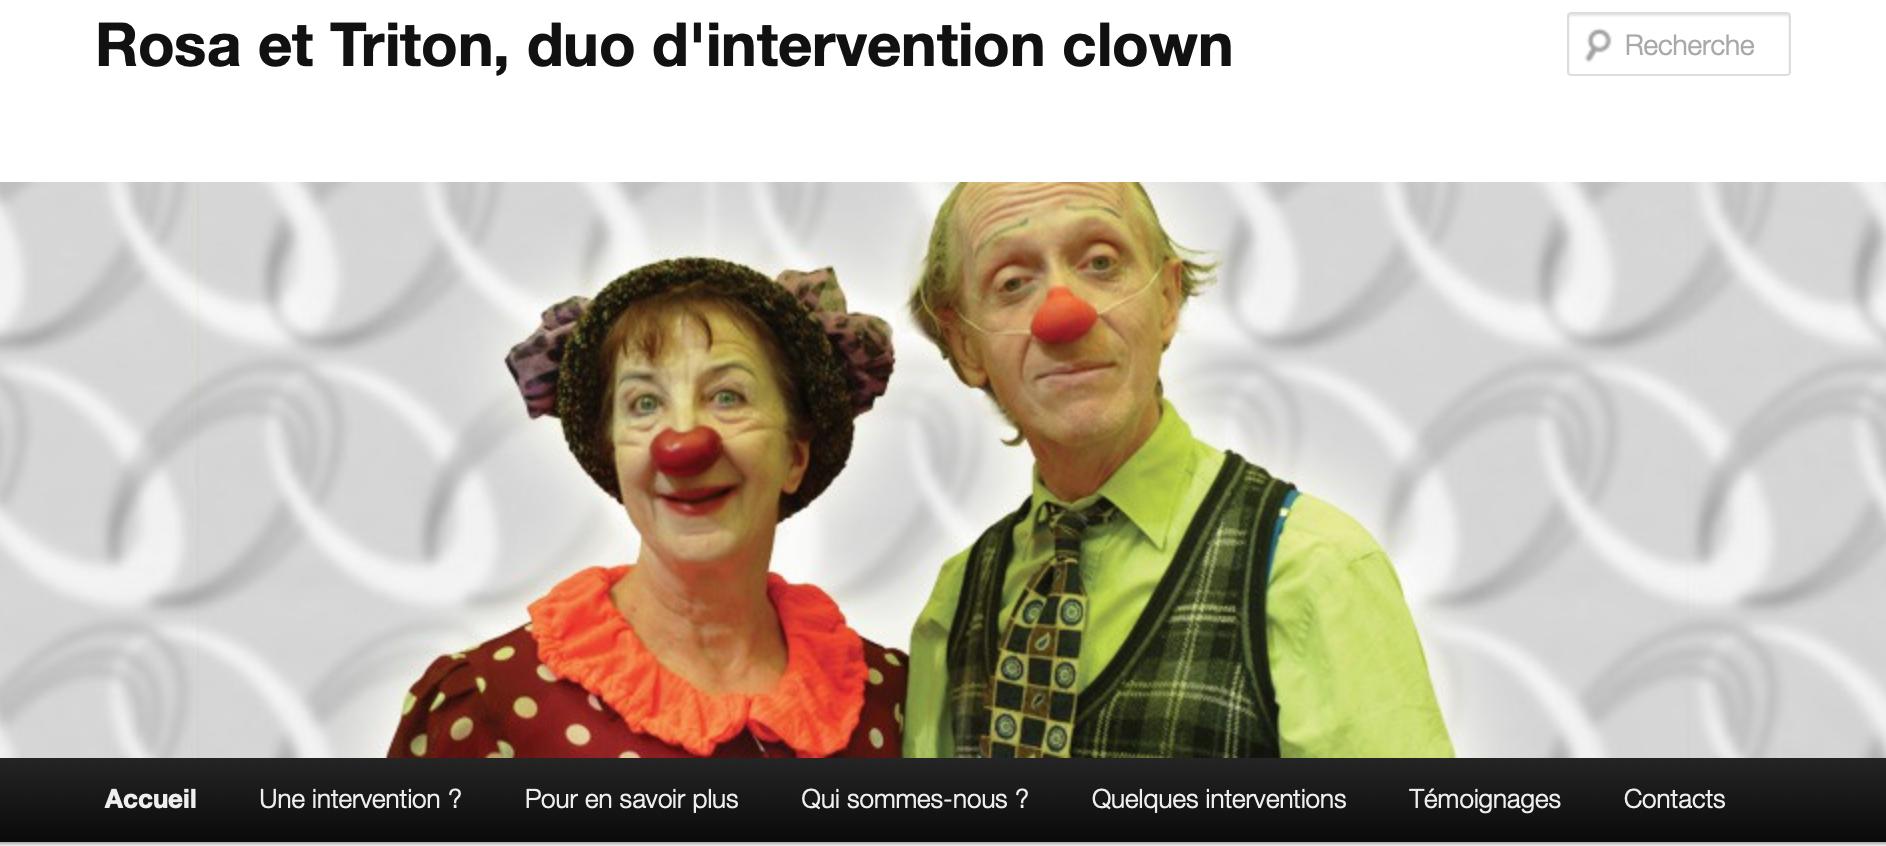 Rosa et Triton - duo d'intervention clown